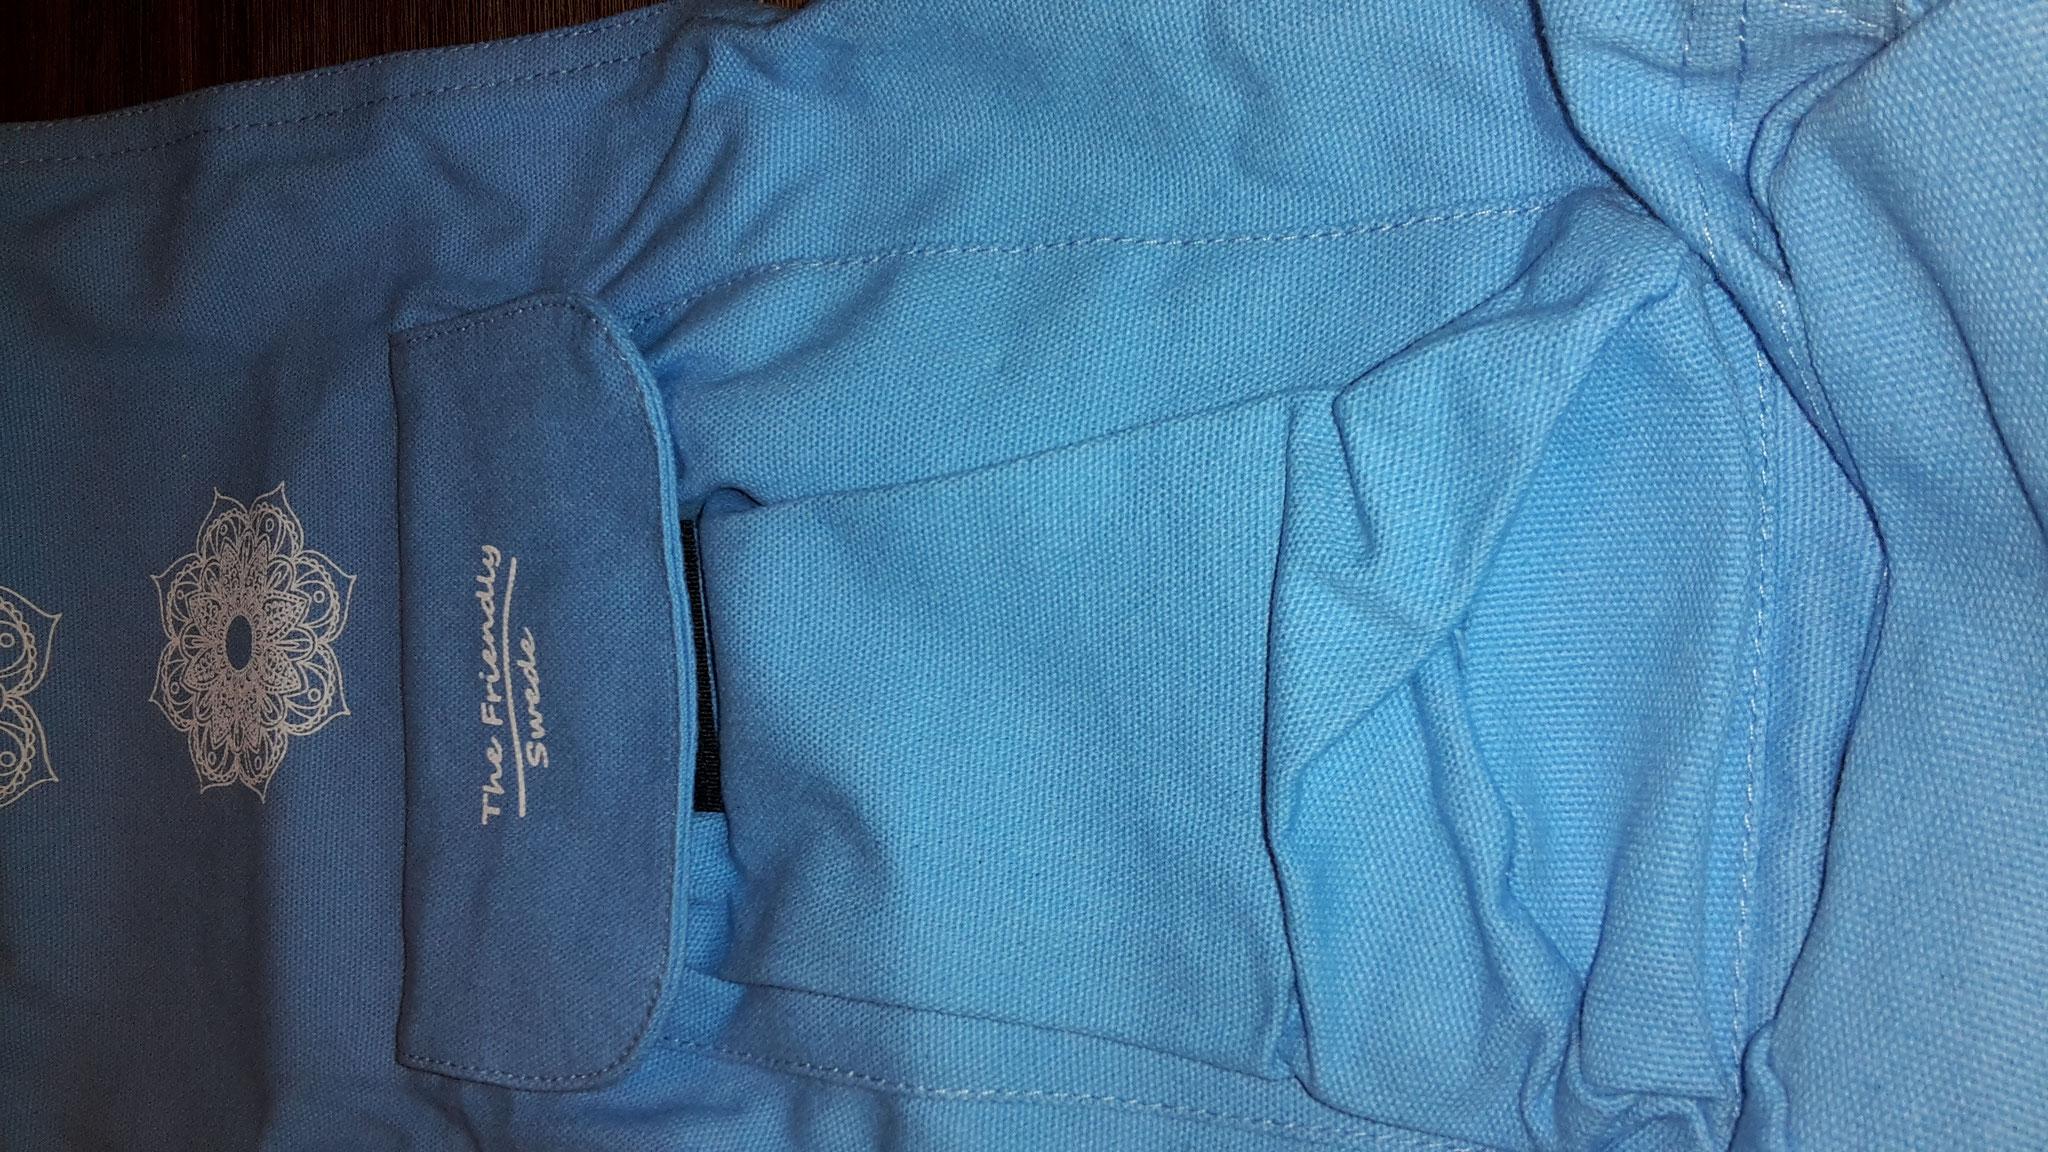 Tasche auf der Vorderseite für Handtuch